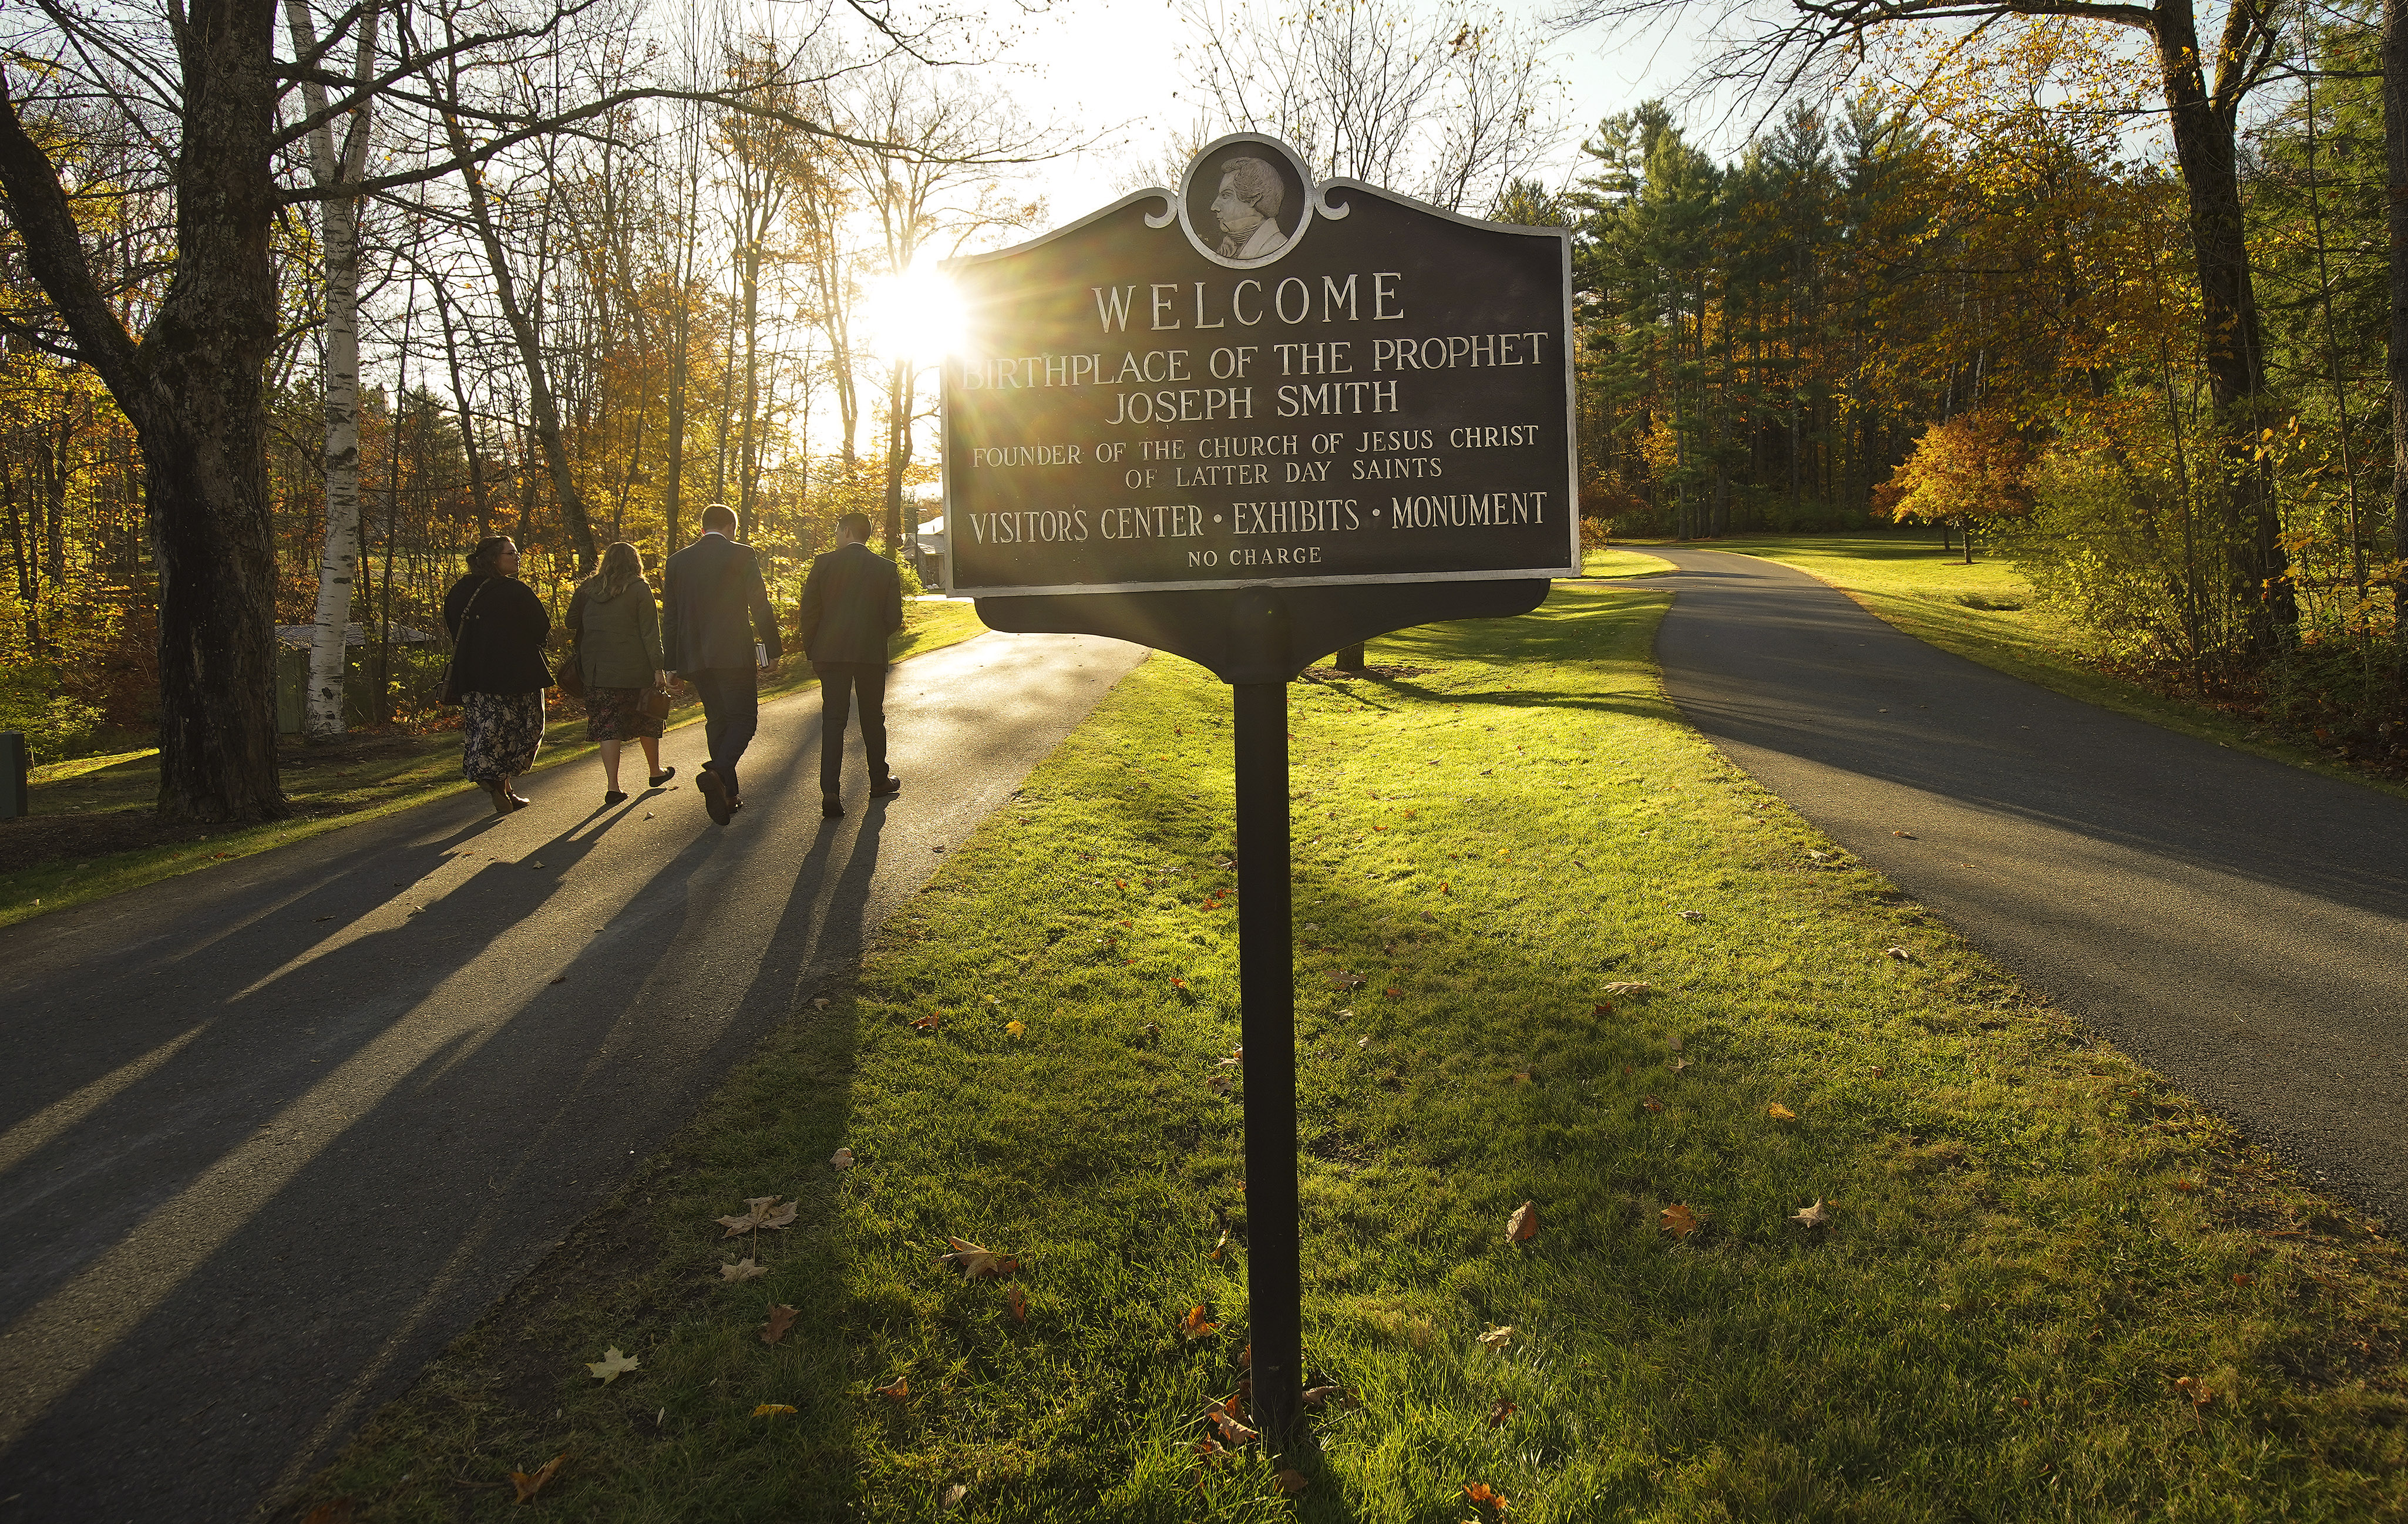 Los misioneros caminan a una reunión en el Monumento del lugar de nacimiento de José Smith en Sharon, Vermont el sábado, 19 de oct. de 2019.